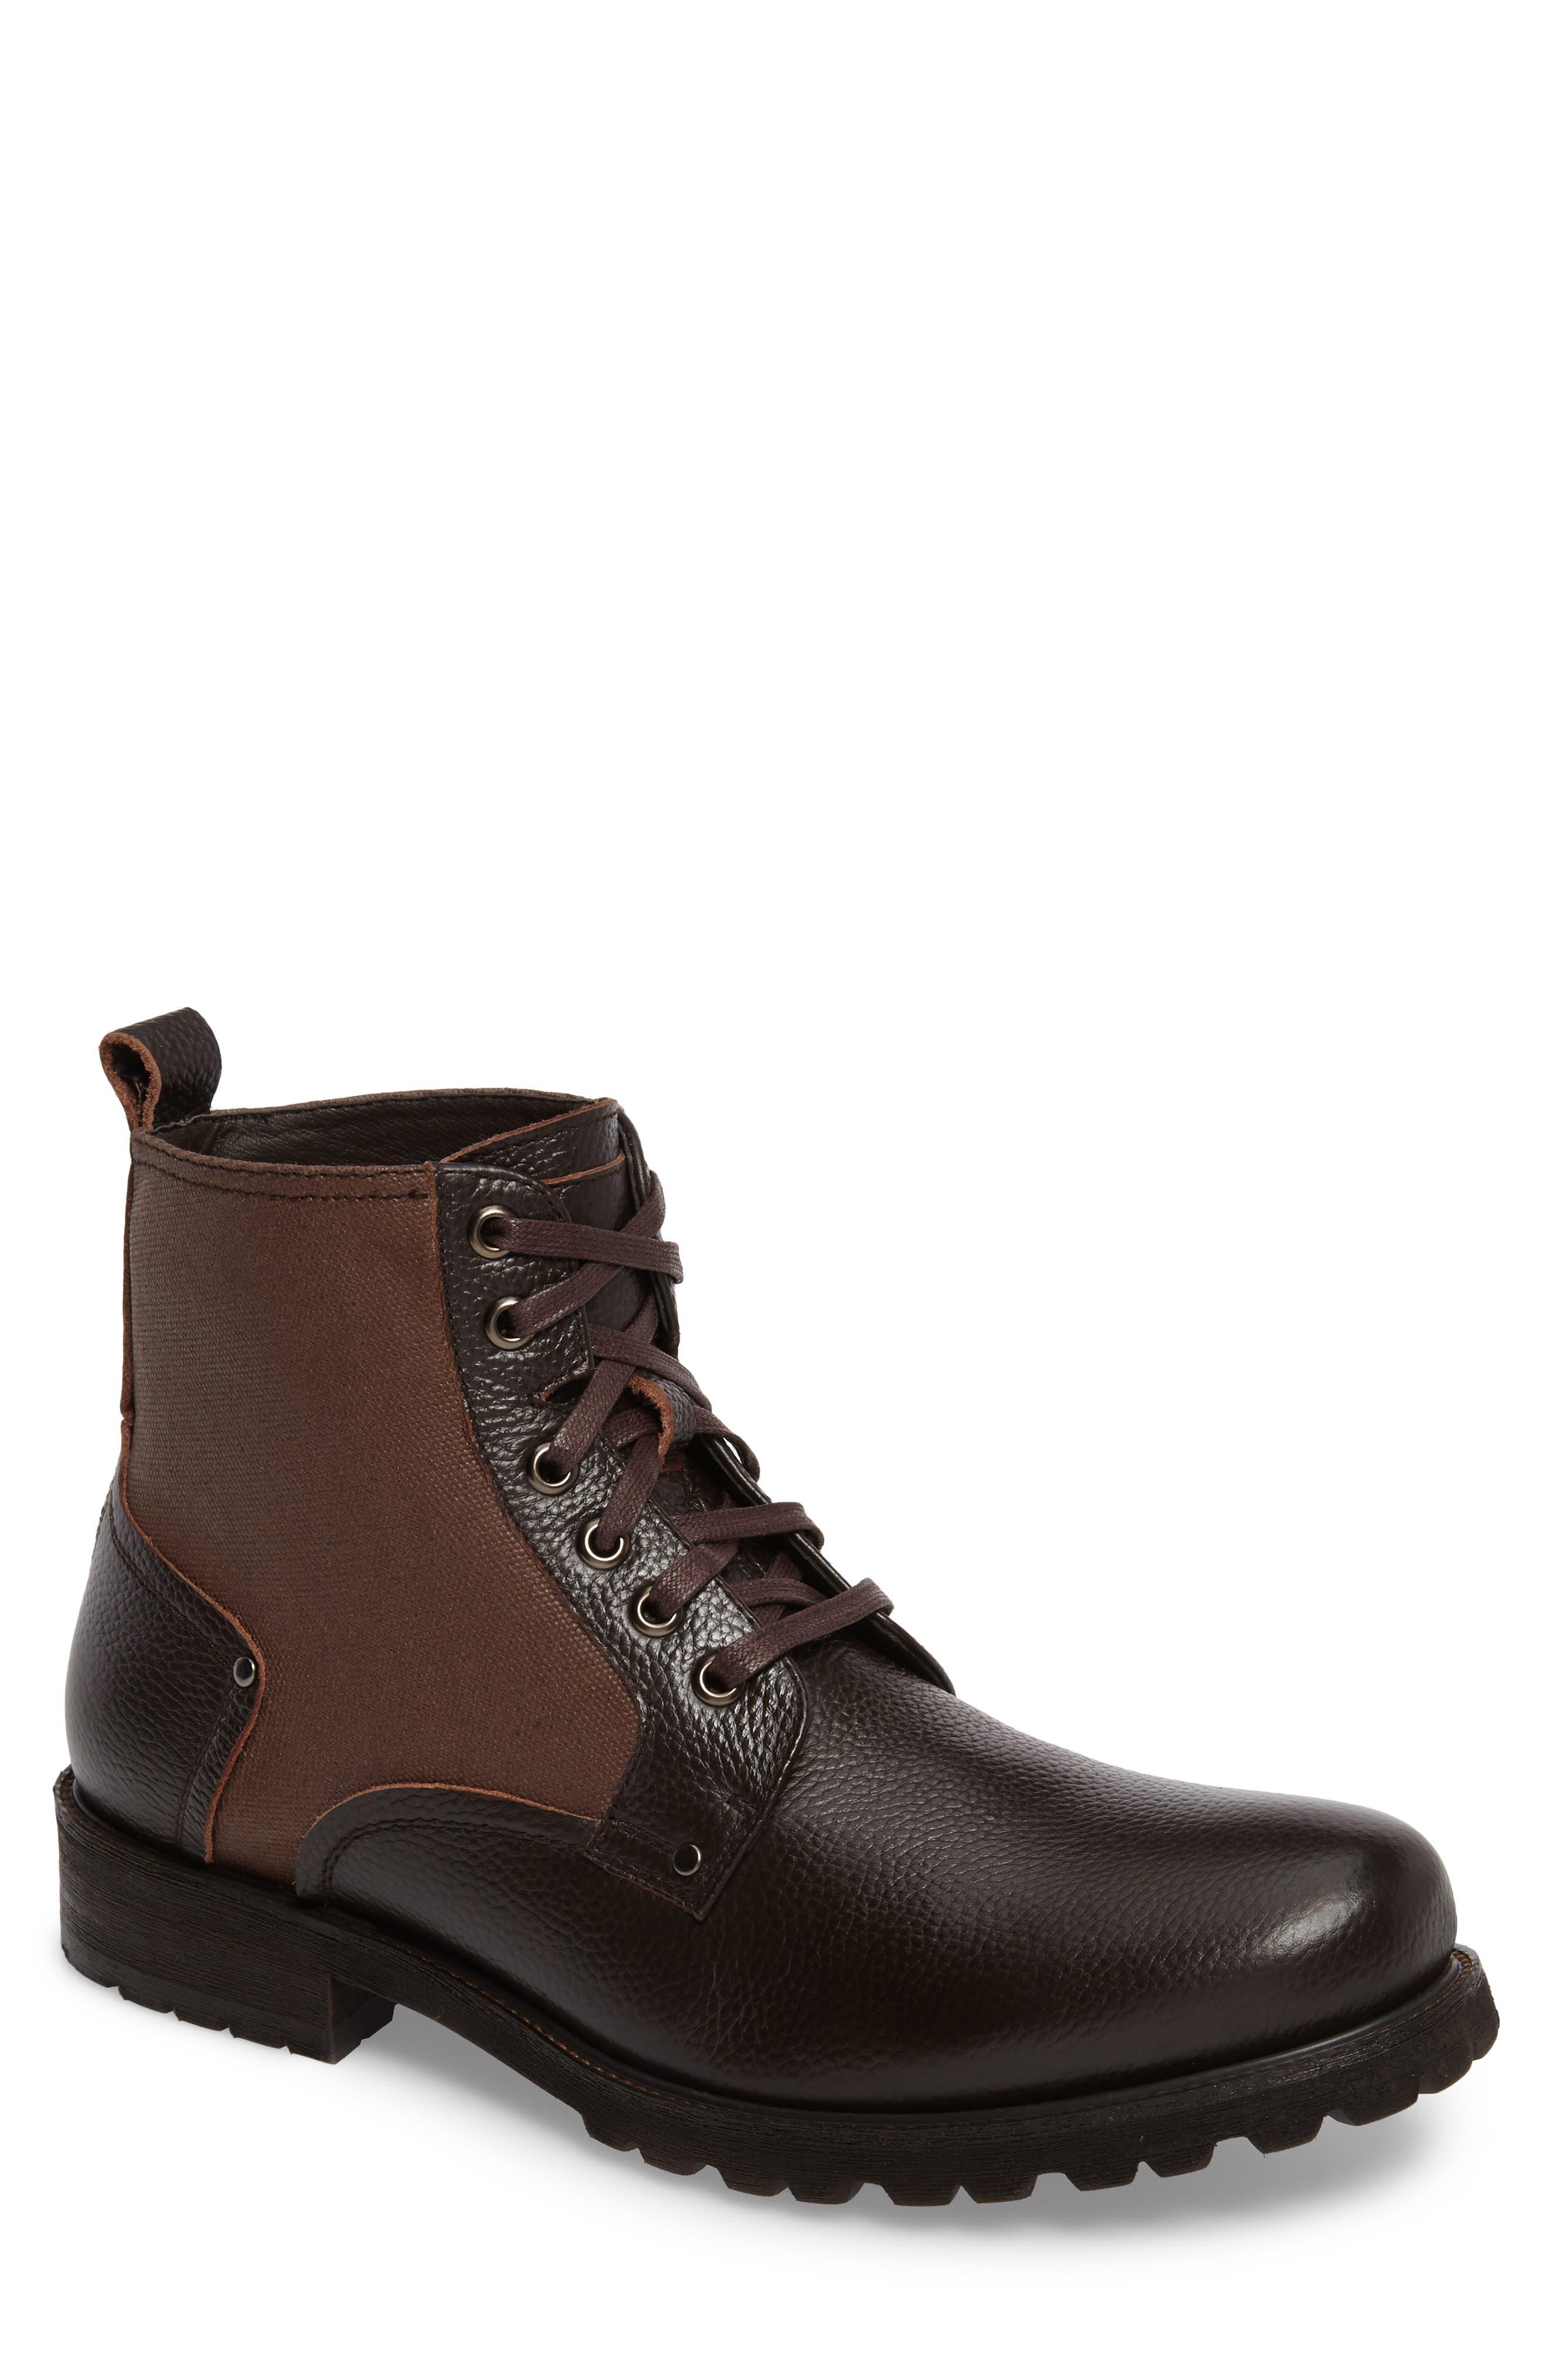 Whitley Plain Toe Boot,                             Main thumbnail 2, color,